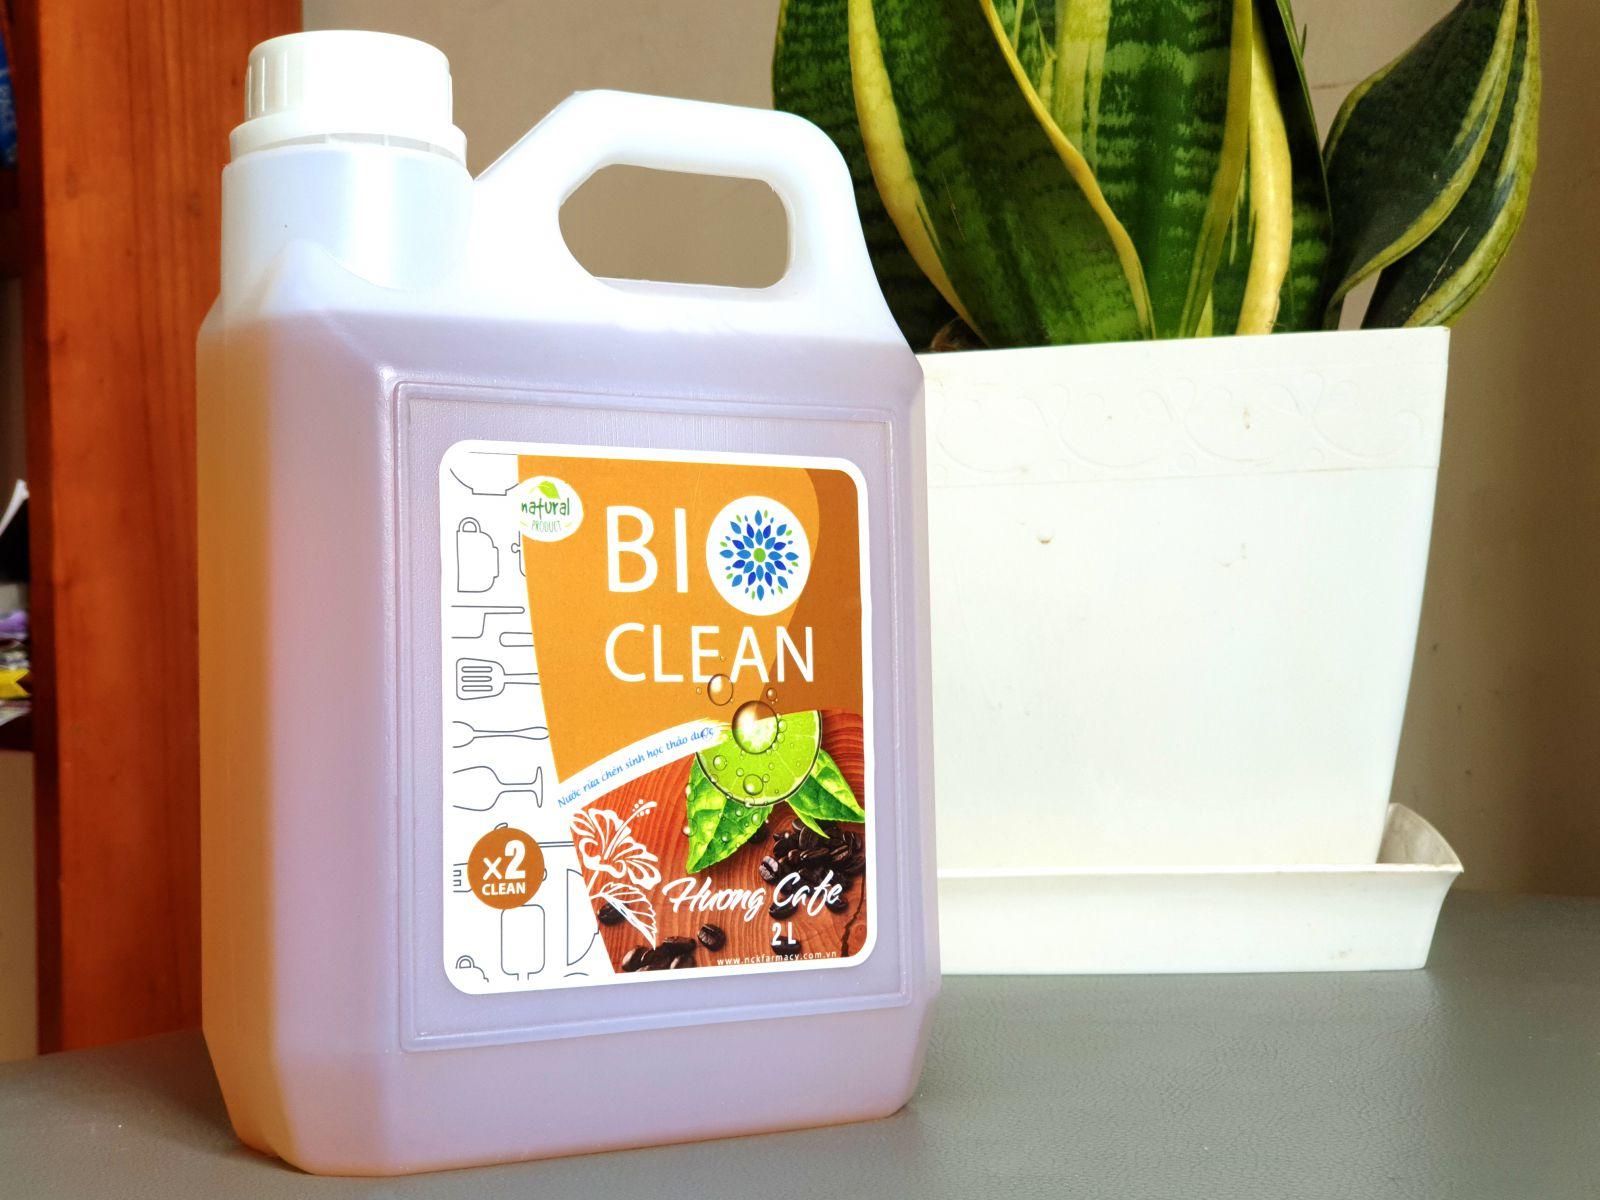 Nước rửa chén sinh học thảo dược BioClean X2, hương cà phê, can 2 lít